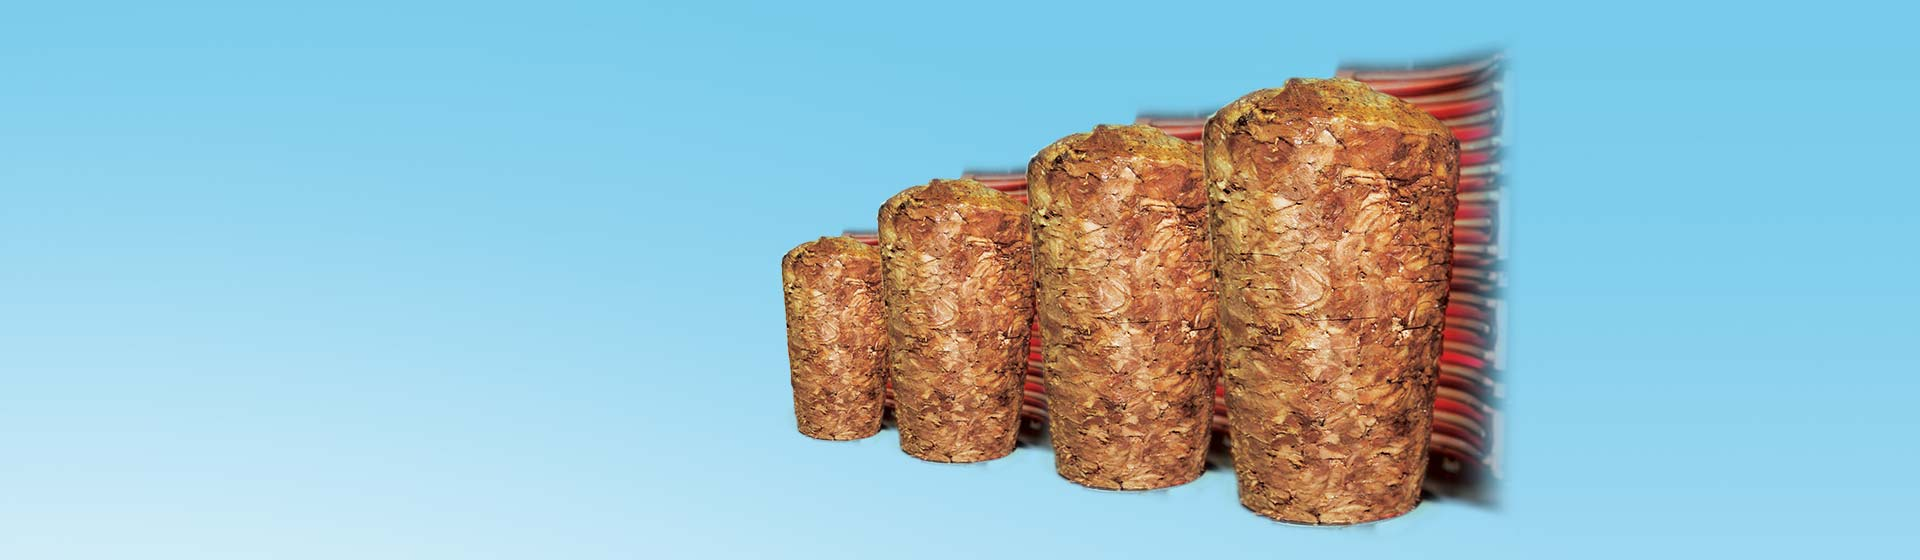 Broche-de-Kebab-precuit